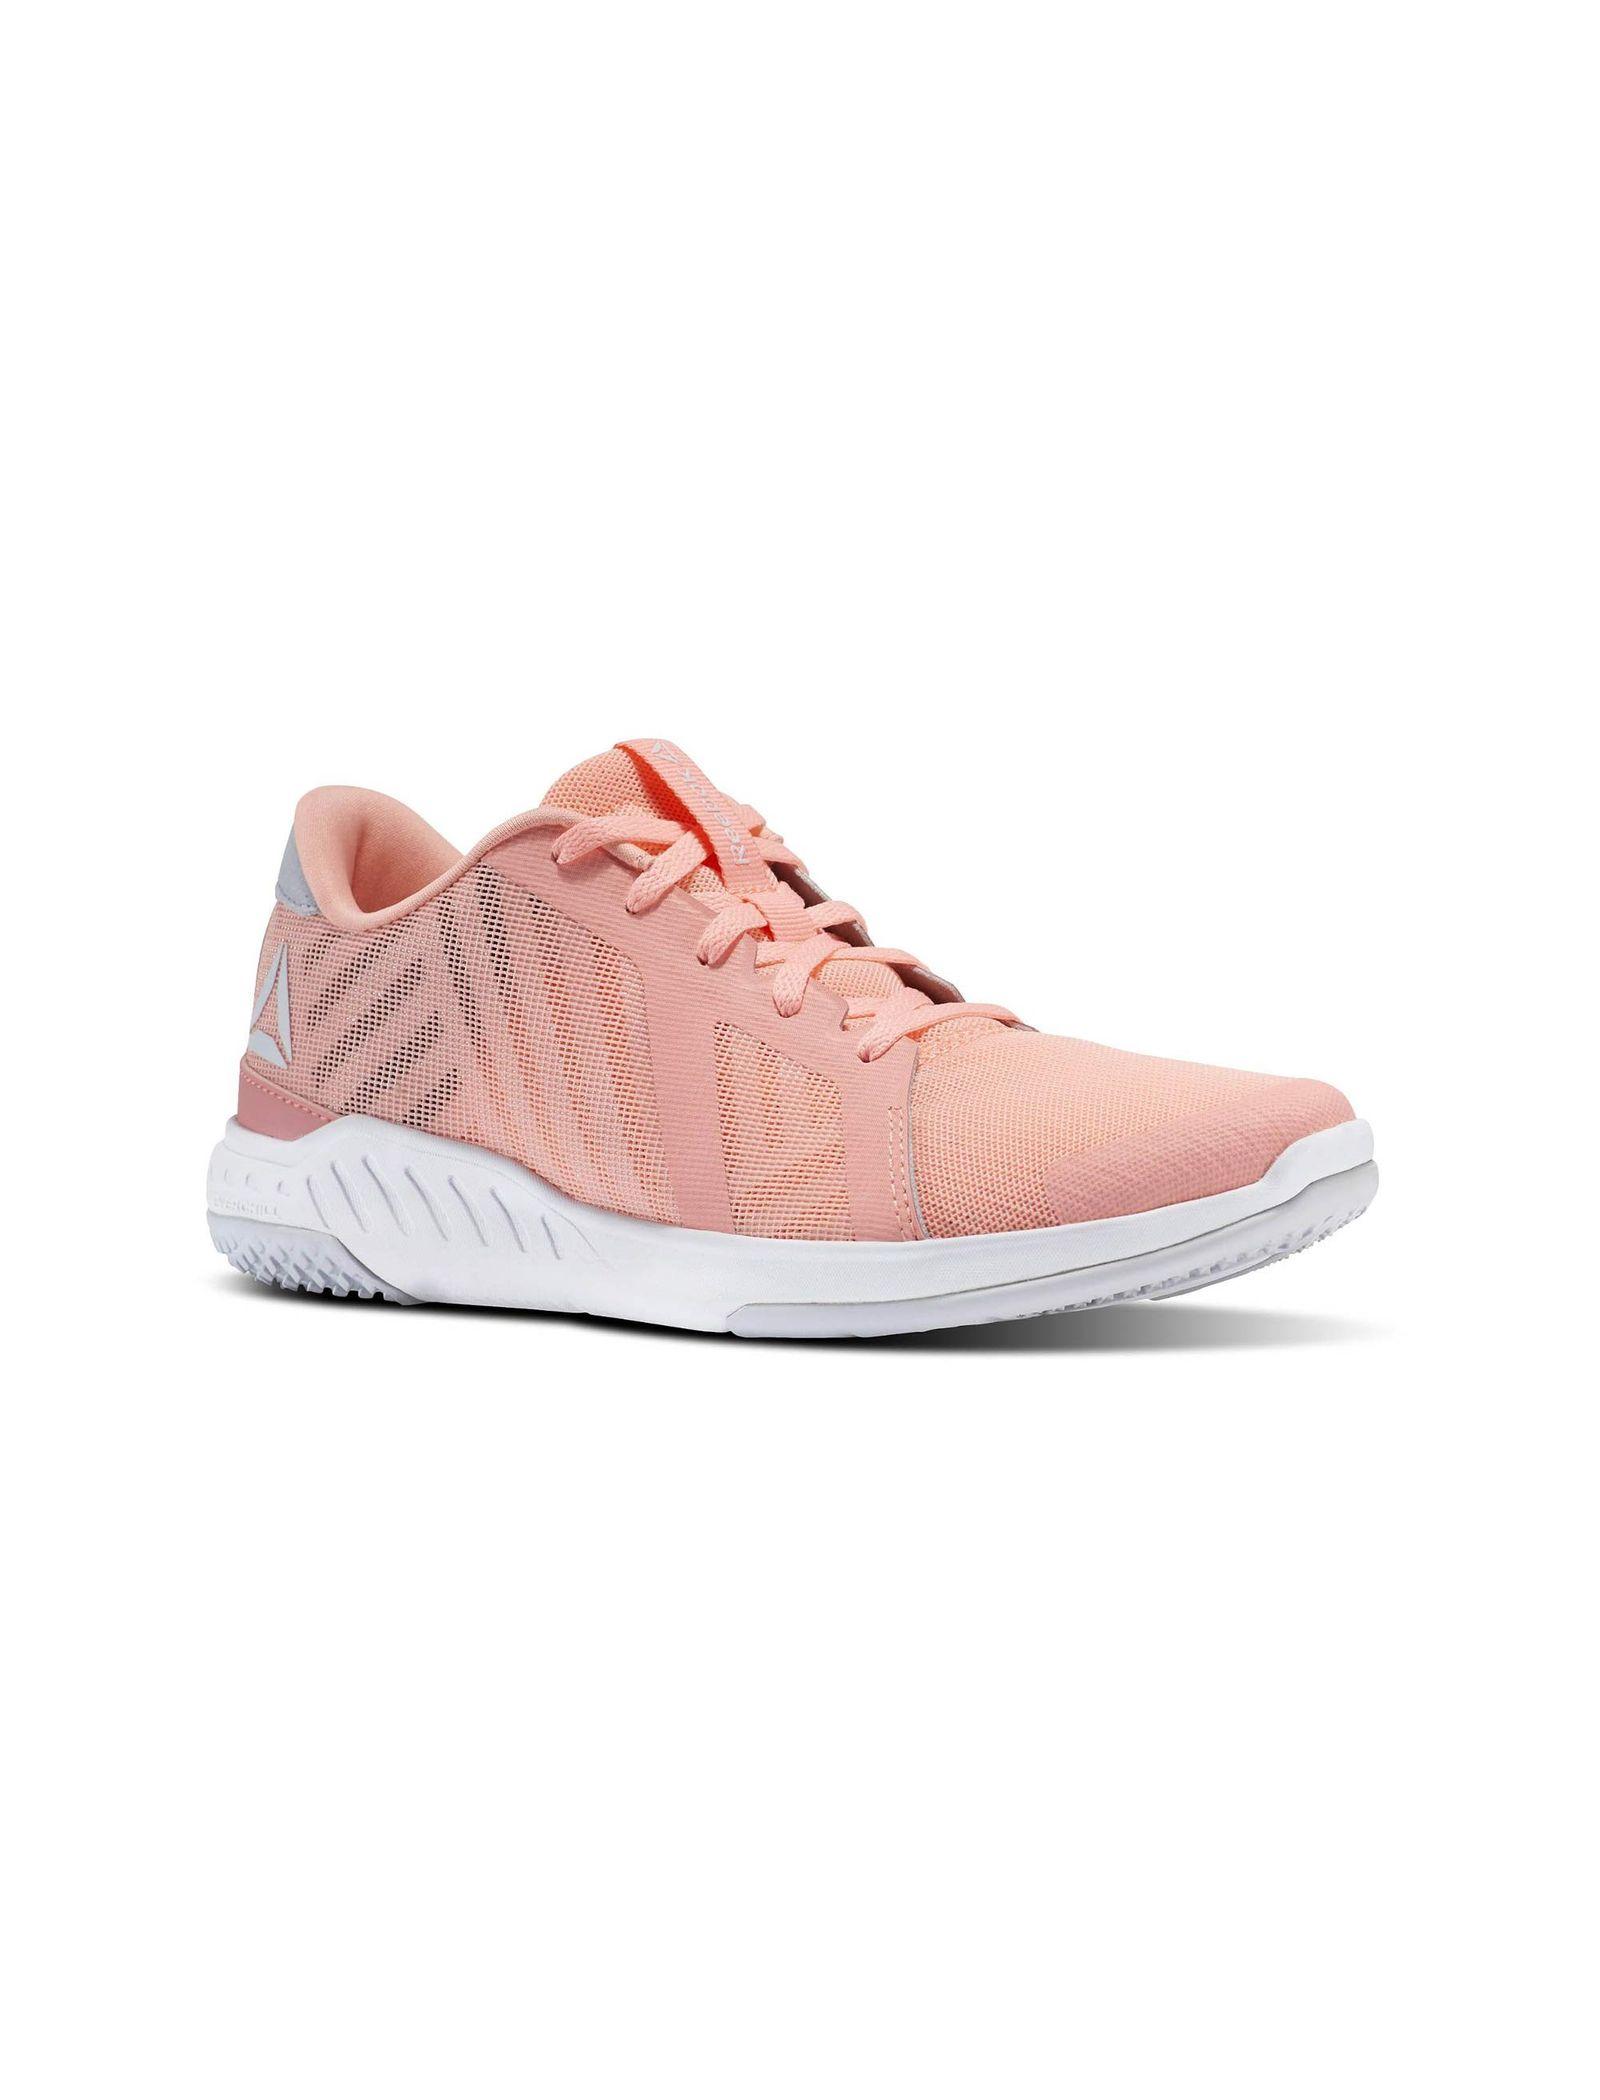 کفش تمرین بندی زنانه Everchill TR 2-0 - ریباک - صورتي - 1